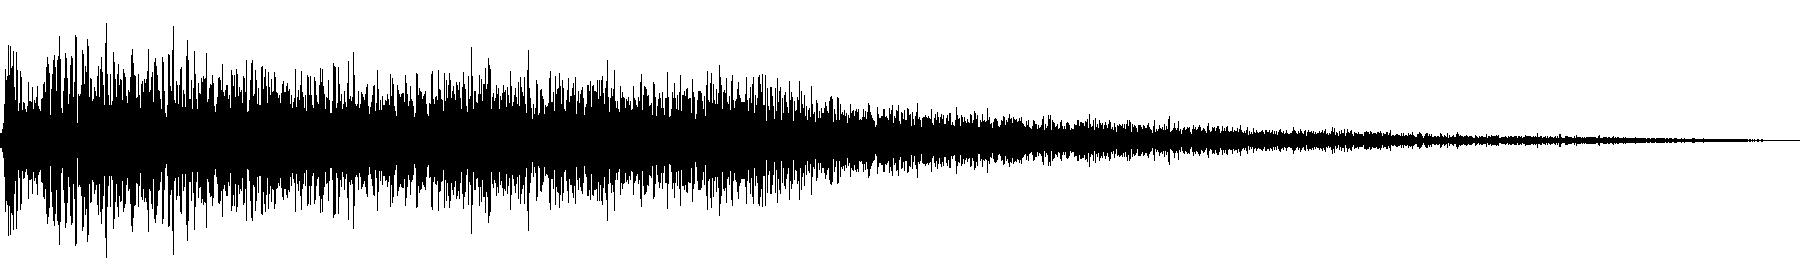 veh2 synths   130 c